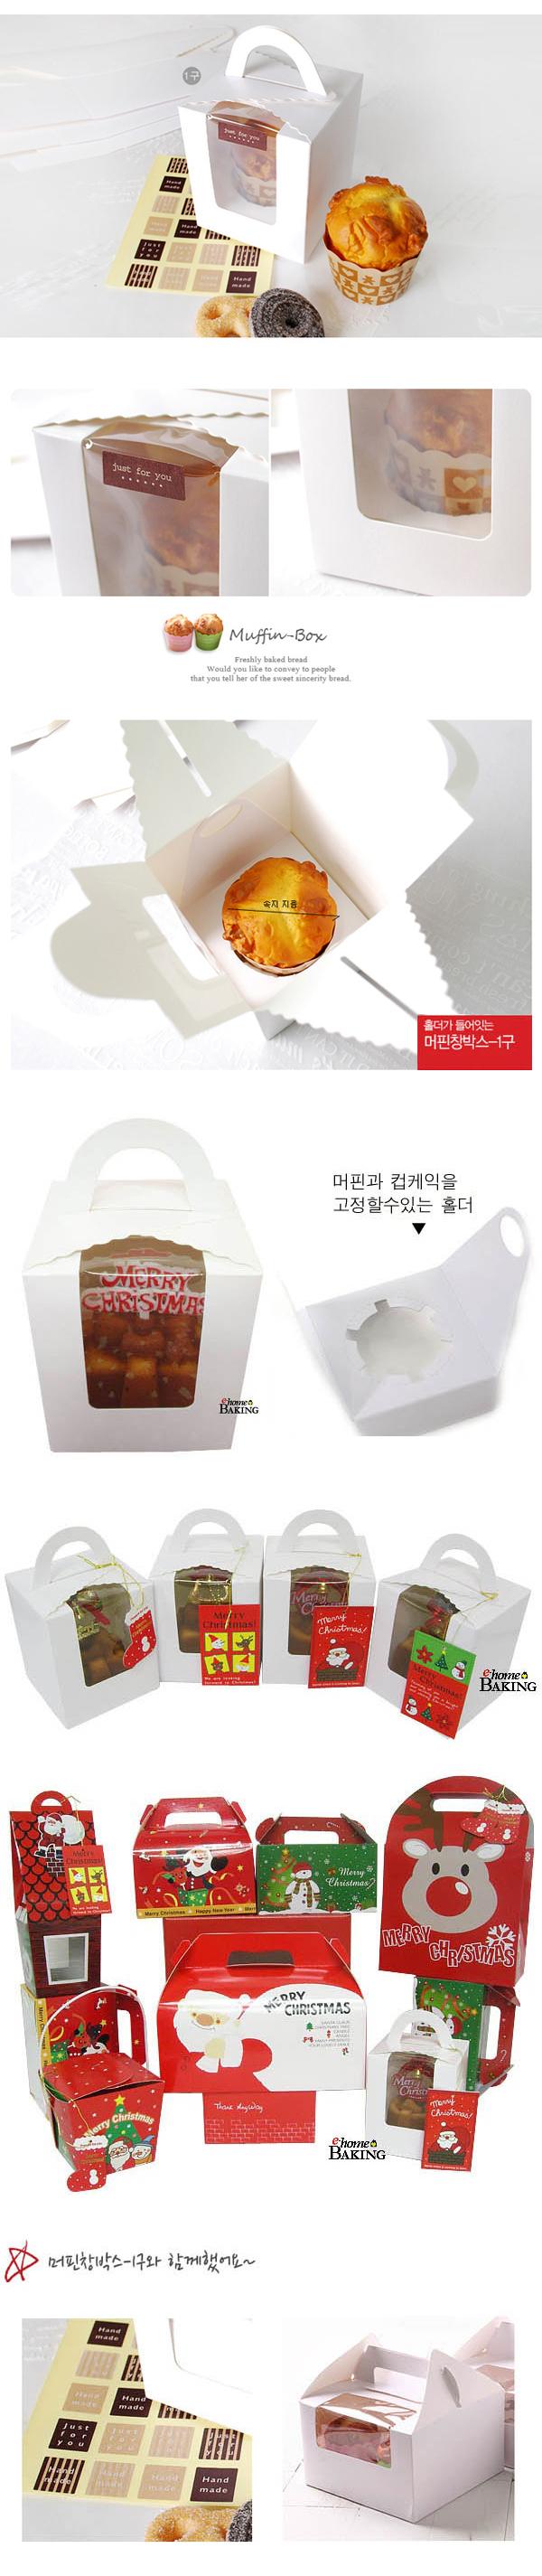 컵케익 머핀1구 창박스 - 이홈베이킹, 600원, DIY재료, 포장용구